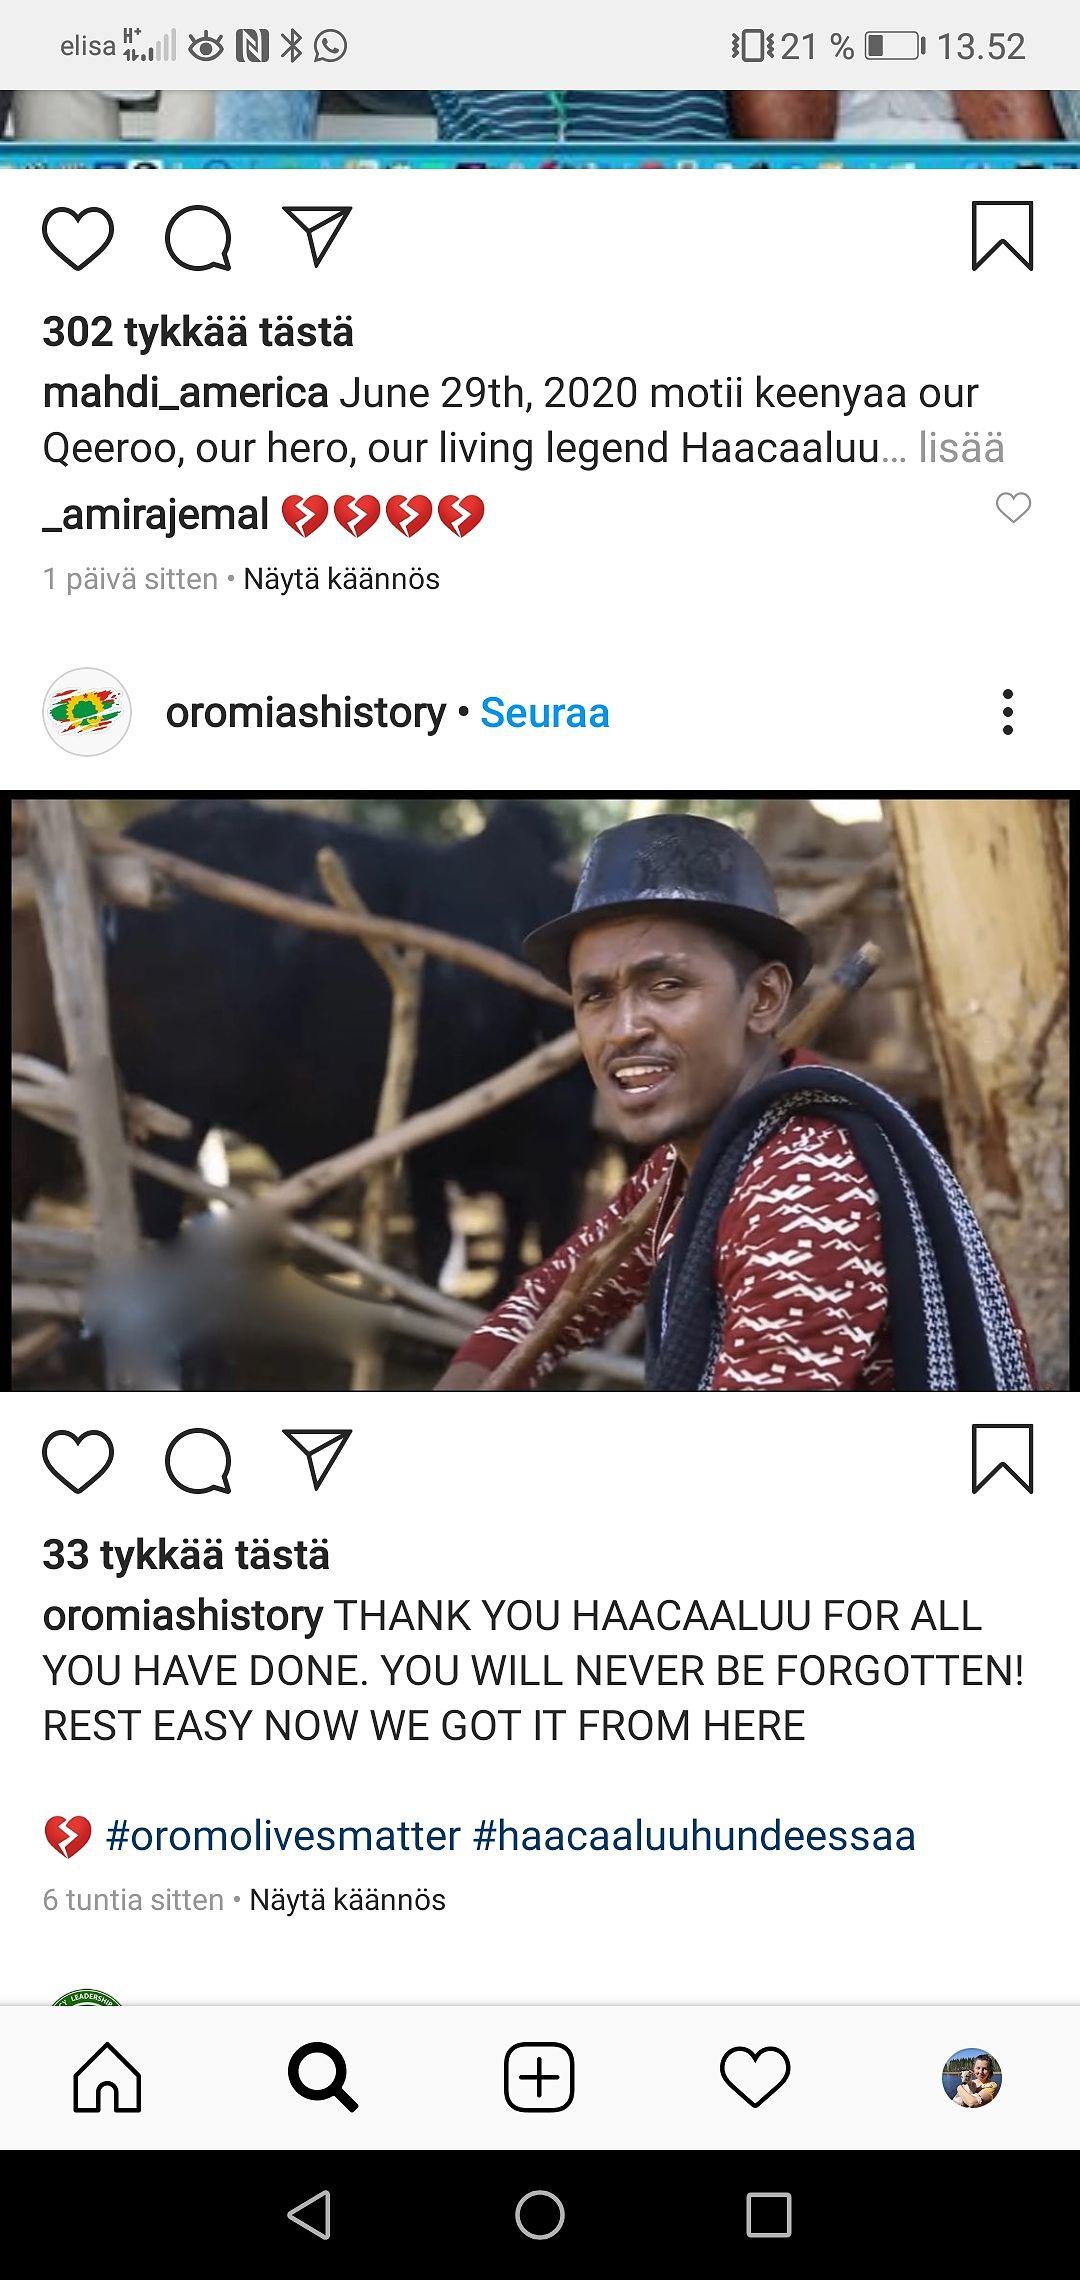 Etiopialaisen muusikon Hachalu Hundessan fanit ovat surreet idolinsa kuolemaa myös sosiaalisessa mediassa.